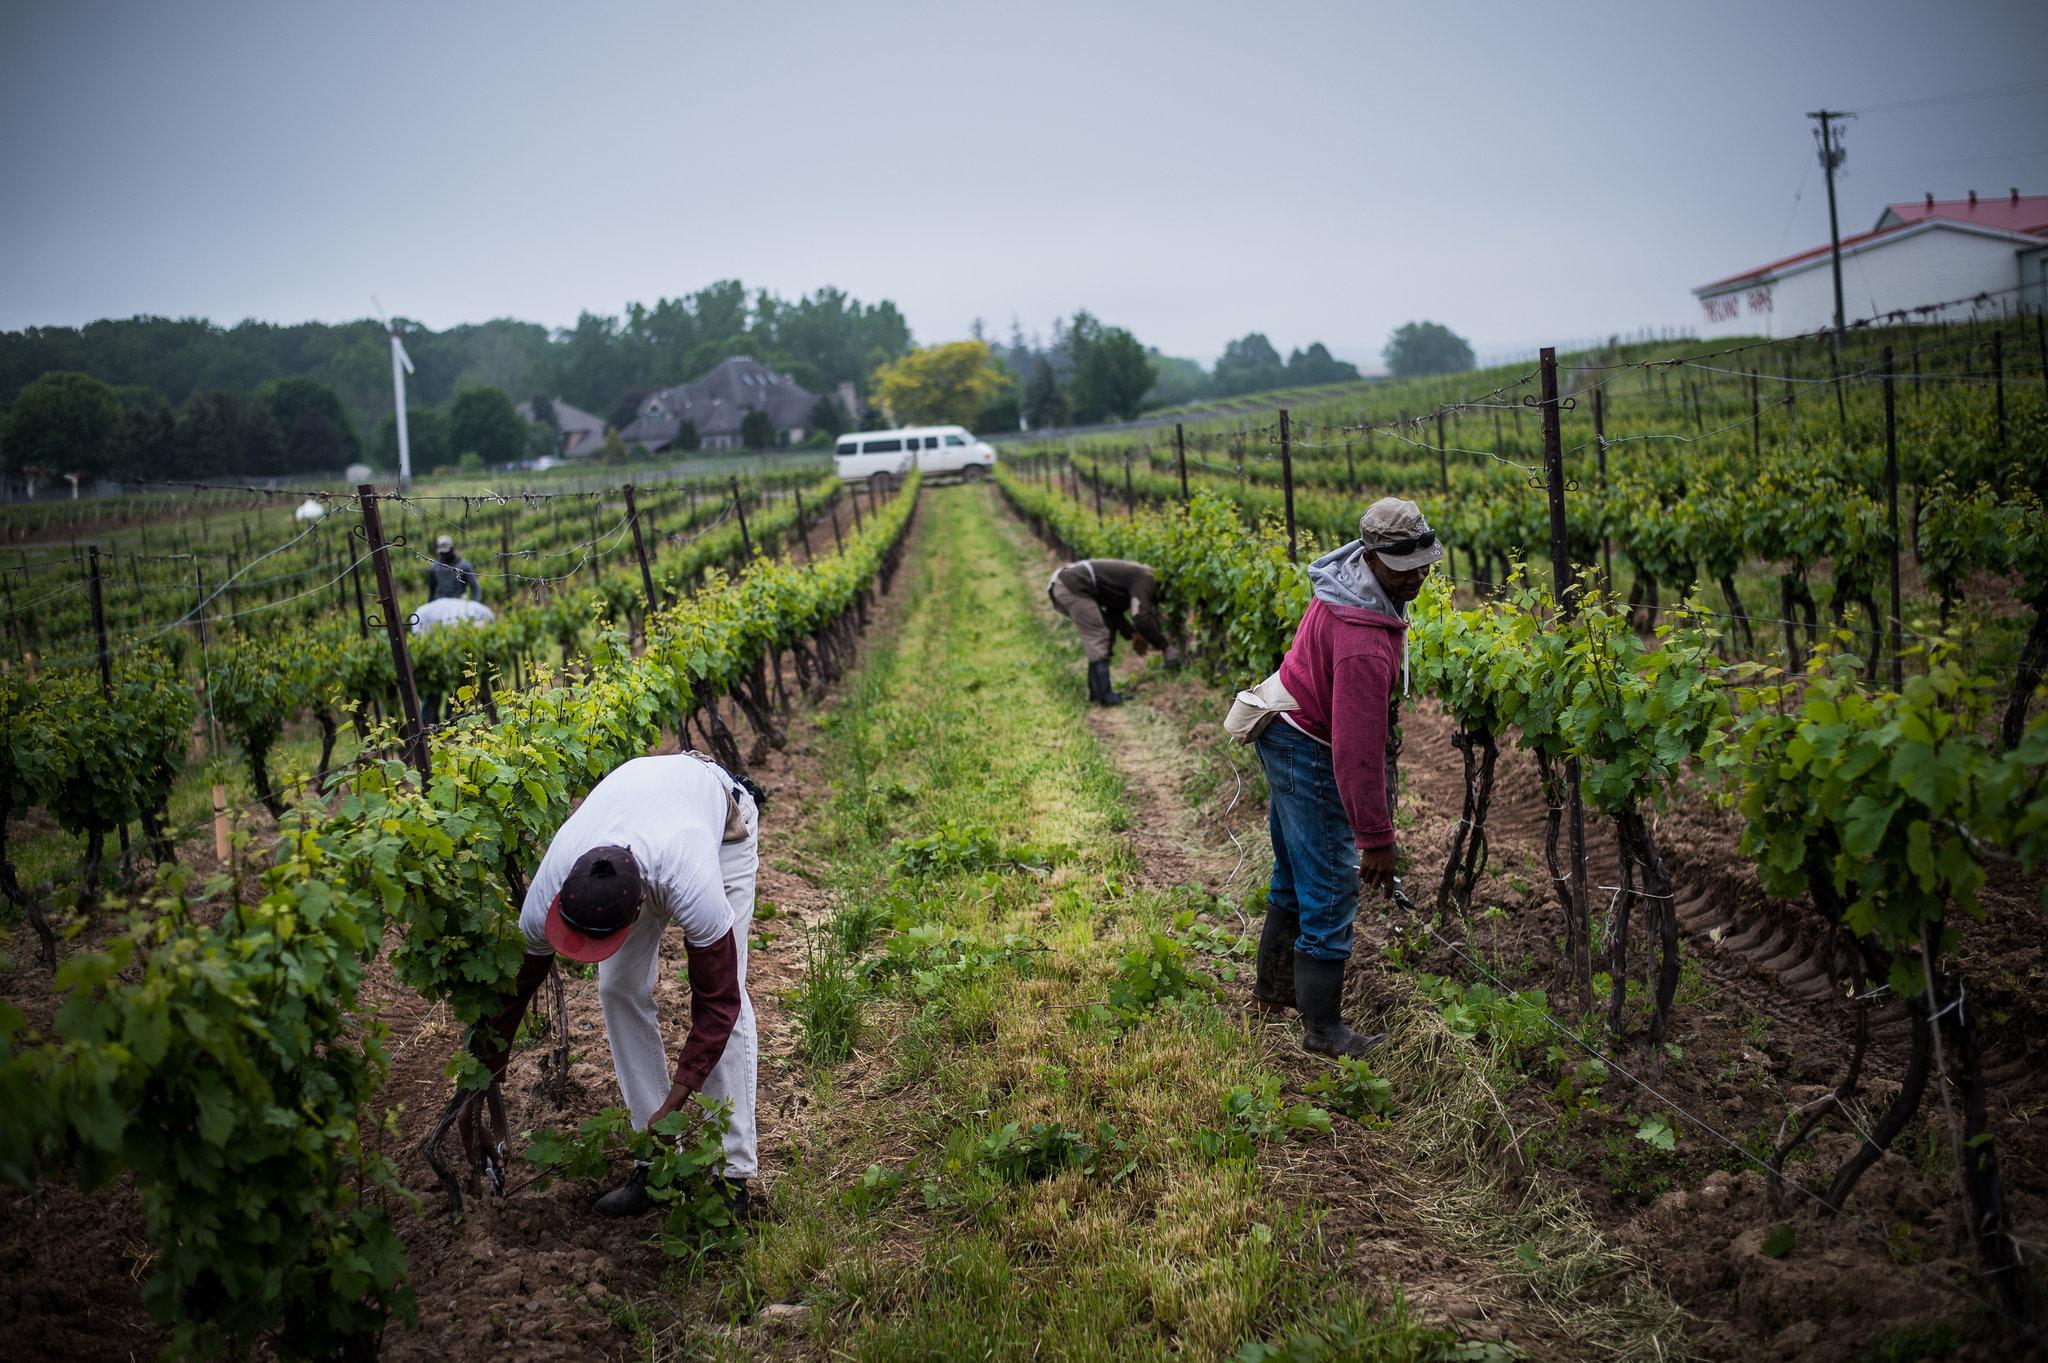 اخراج، دستمزد کارگران شاکی در مزارع کانادا